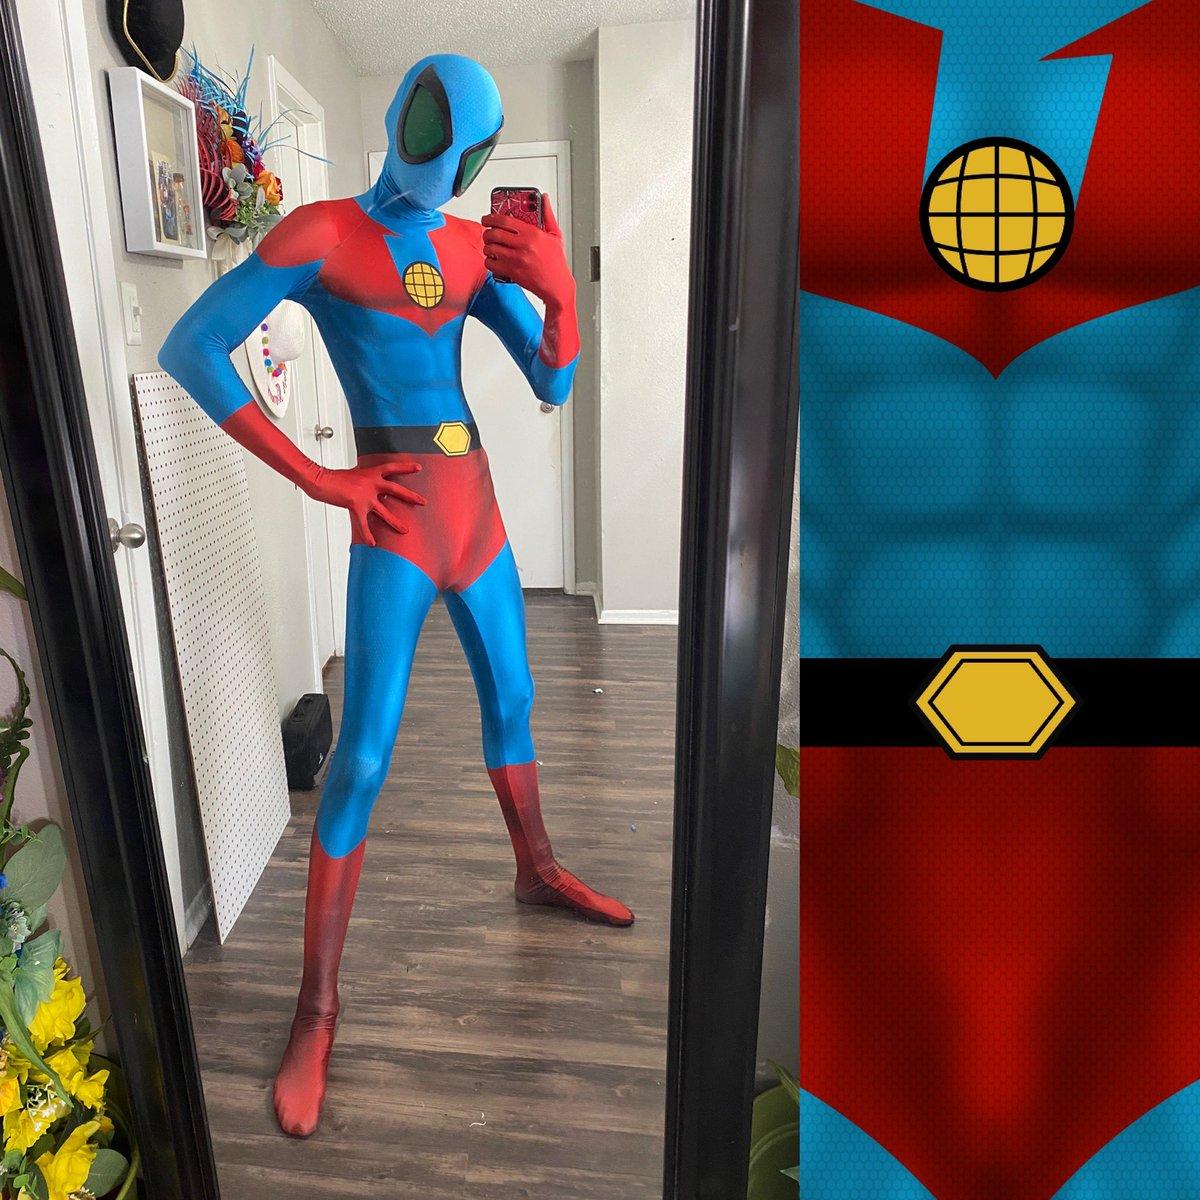 RT @SpideyWuu: Captain Planet Spider-Man #spiderman #spidersona #captainplanet #spiderverse https://t.co/SlMN390LA3